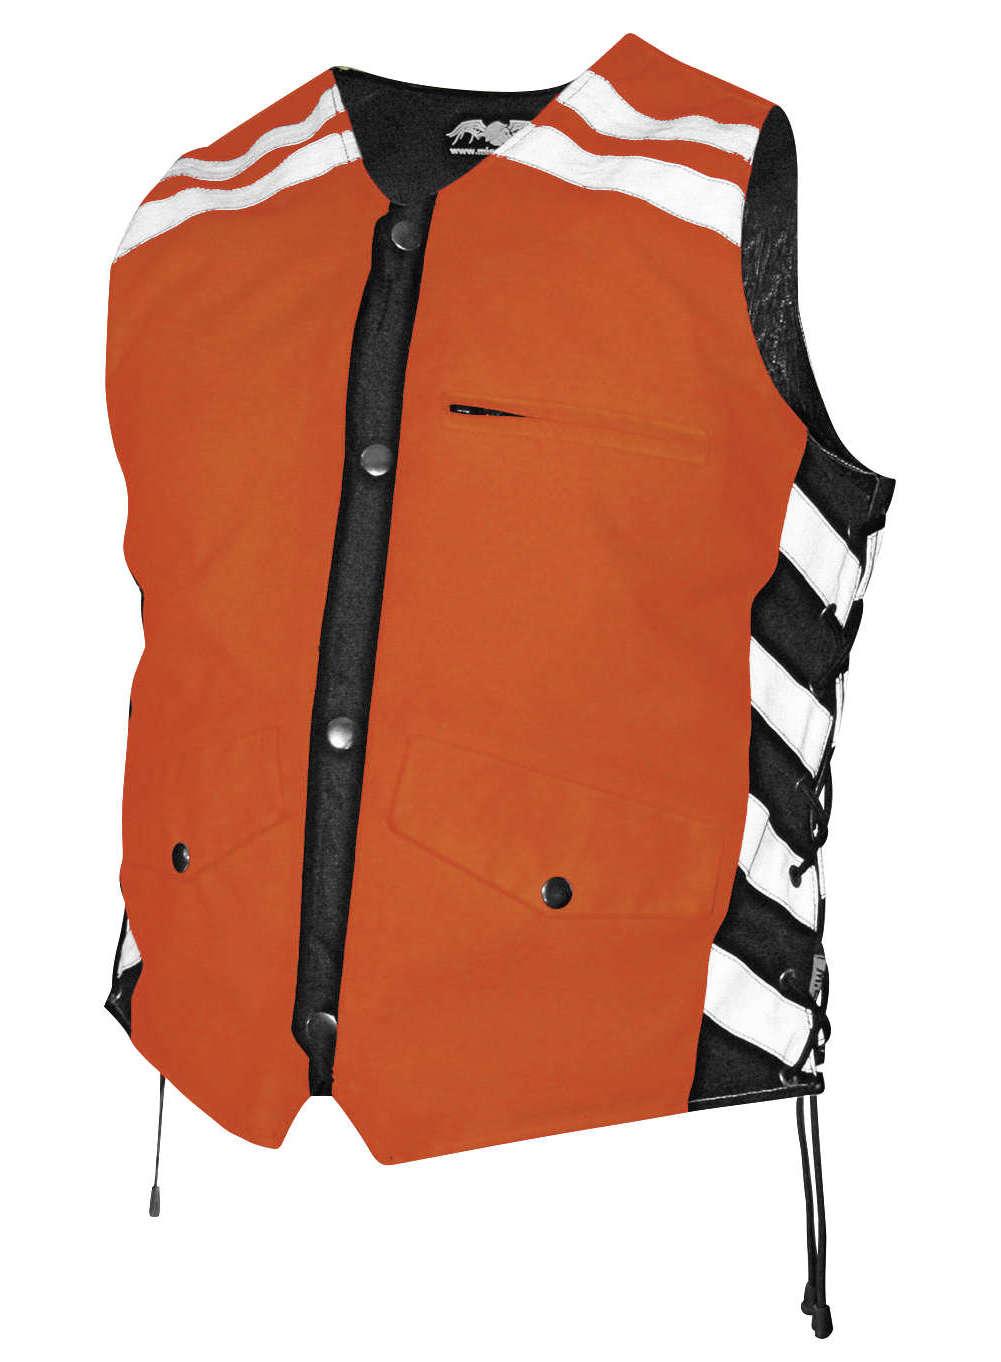 Missing Link G2 D.O.C. Reversible Leather Safety Vest by Missing Link